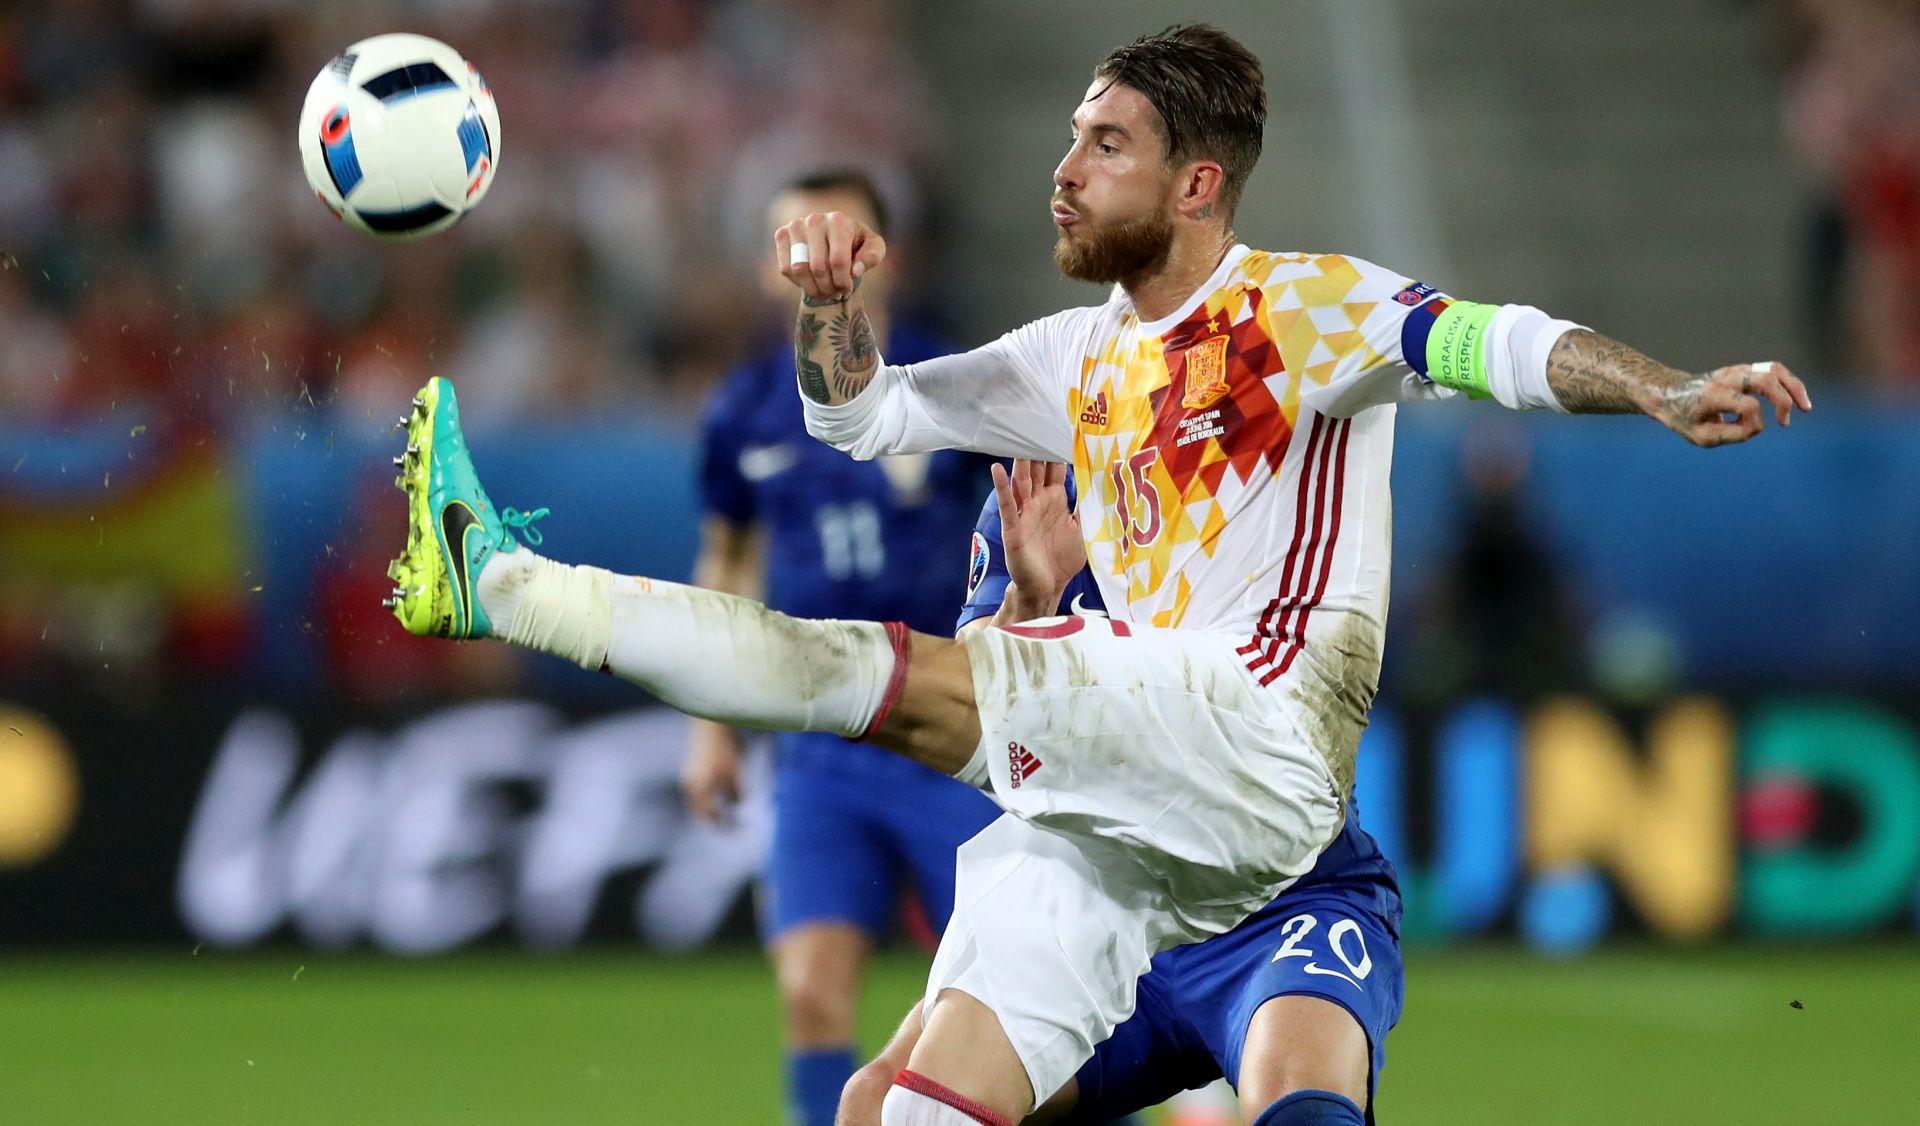 VIDEO: RAZGOVOR UGODNI Pogledajte susret Modrića i Ramosa nakon velike pobjede Hrvatske